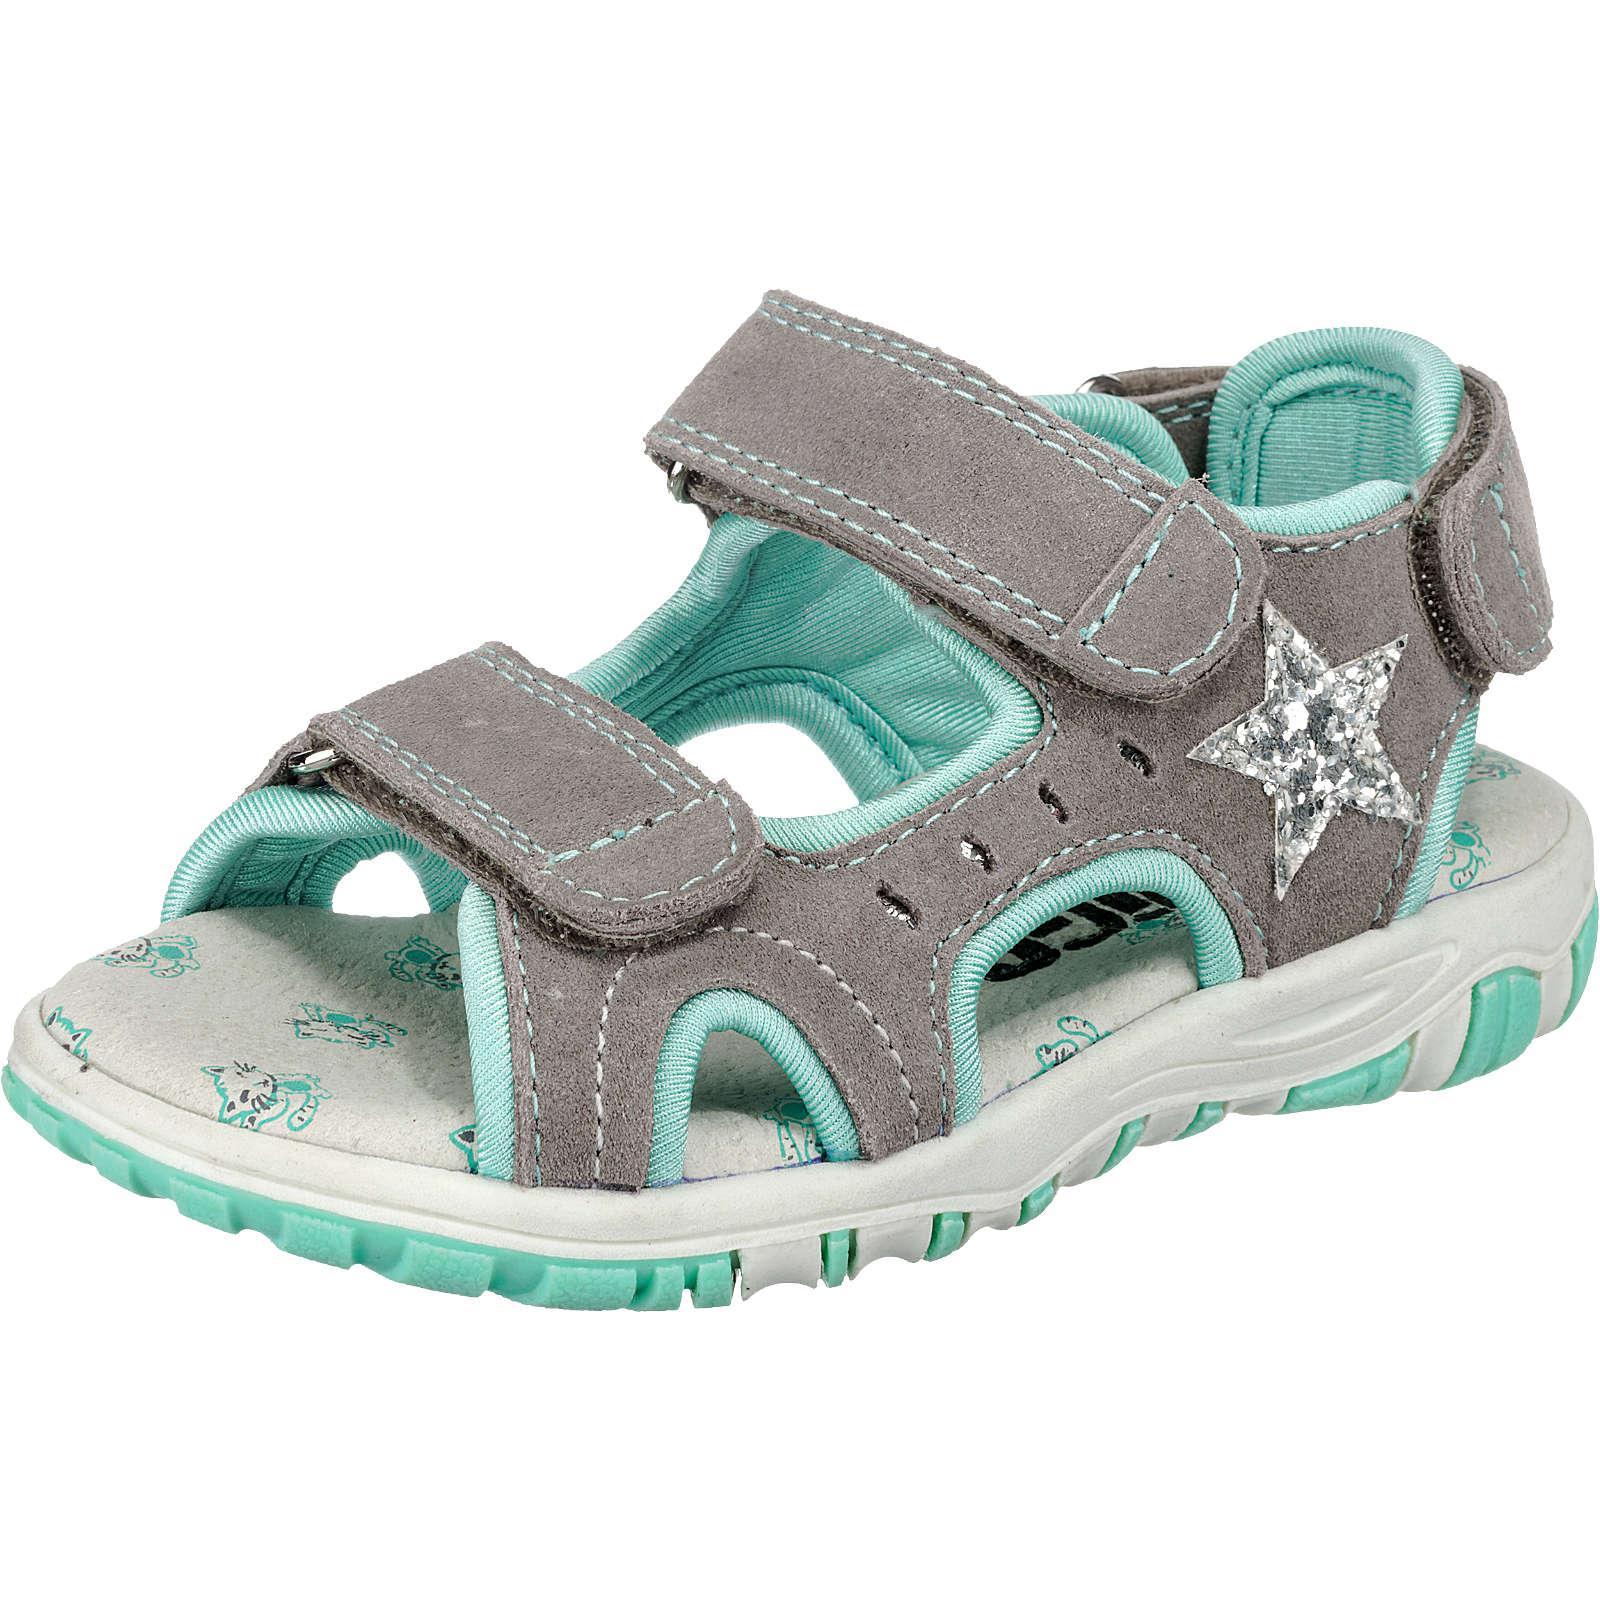 INDIGO Sandalen für Mädchen grau Mädchen Gr. 29